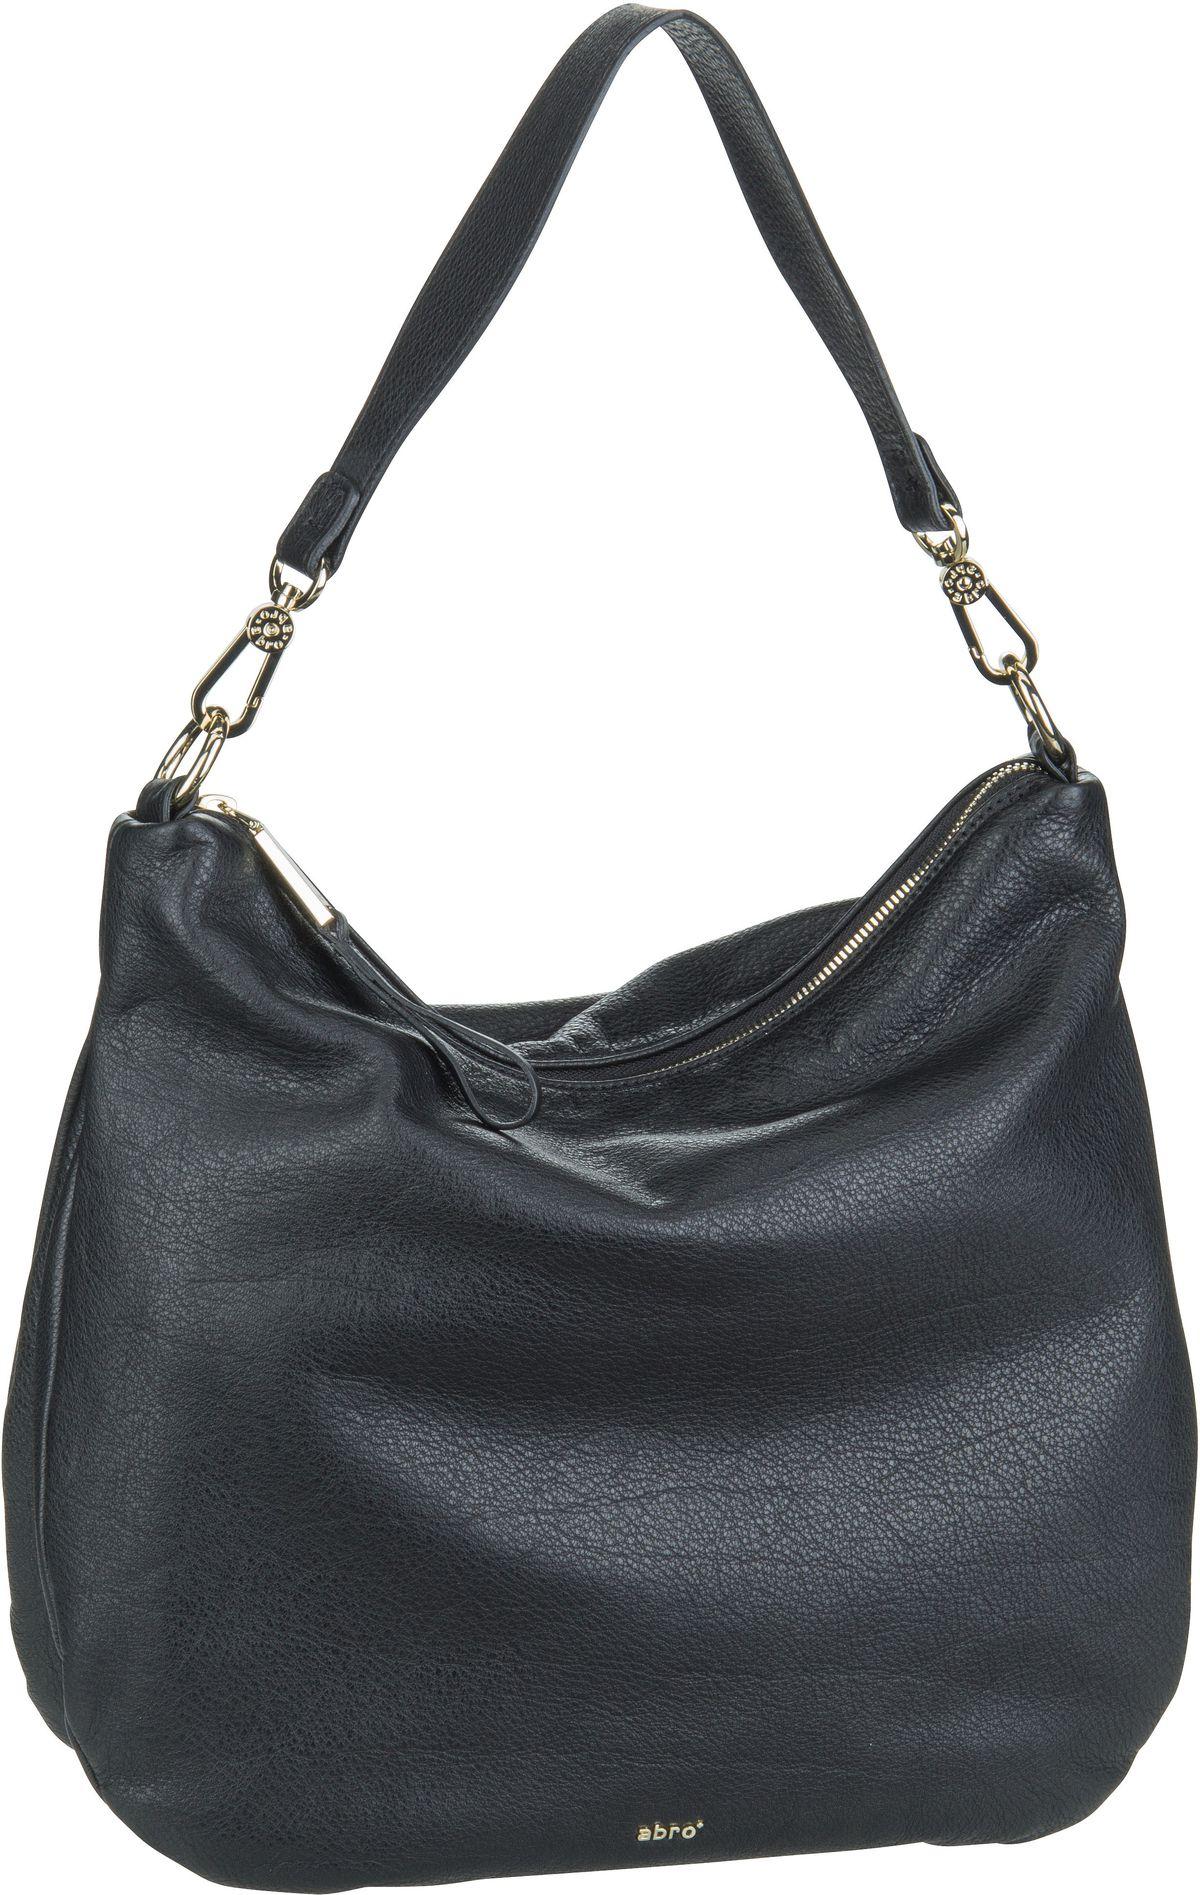 Handtasche Erna 29188 Black